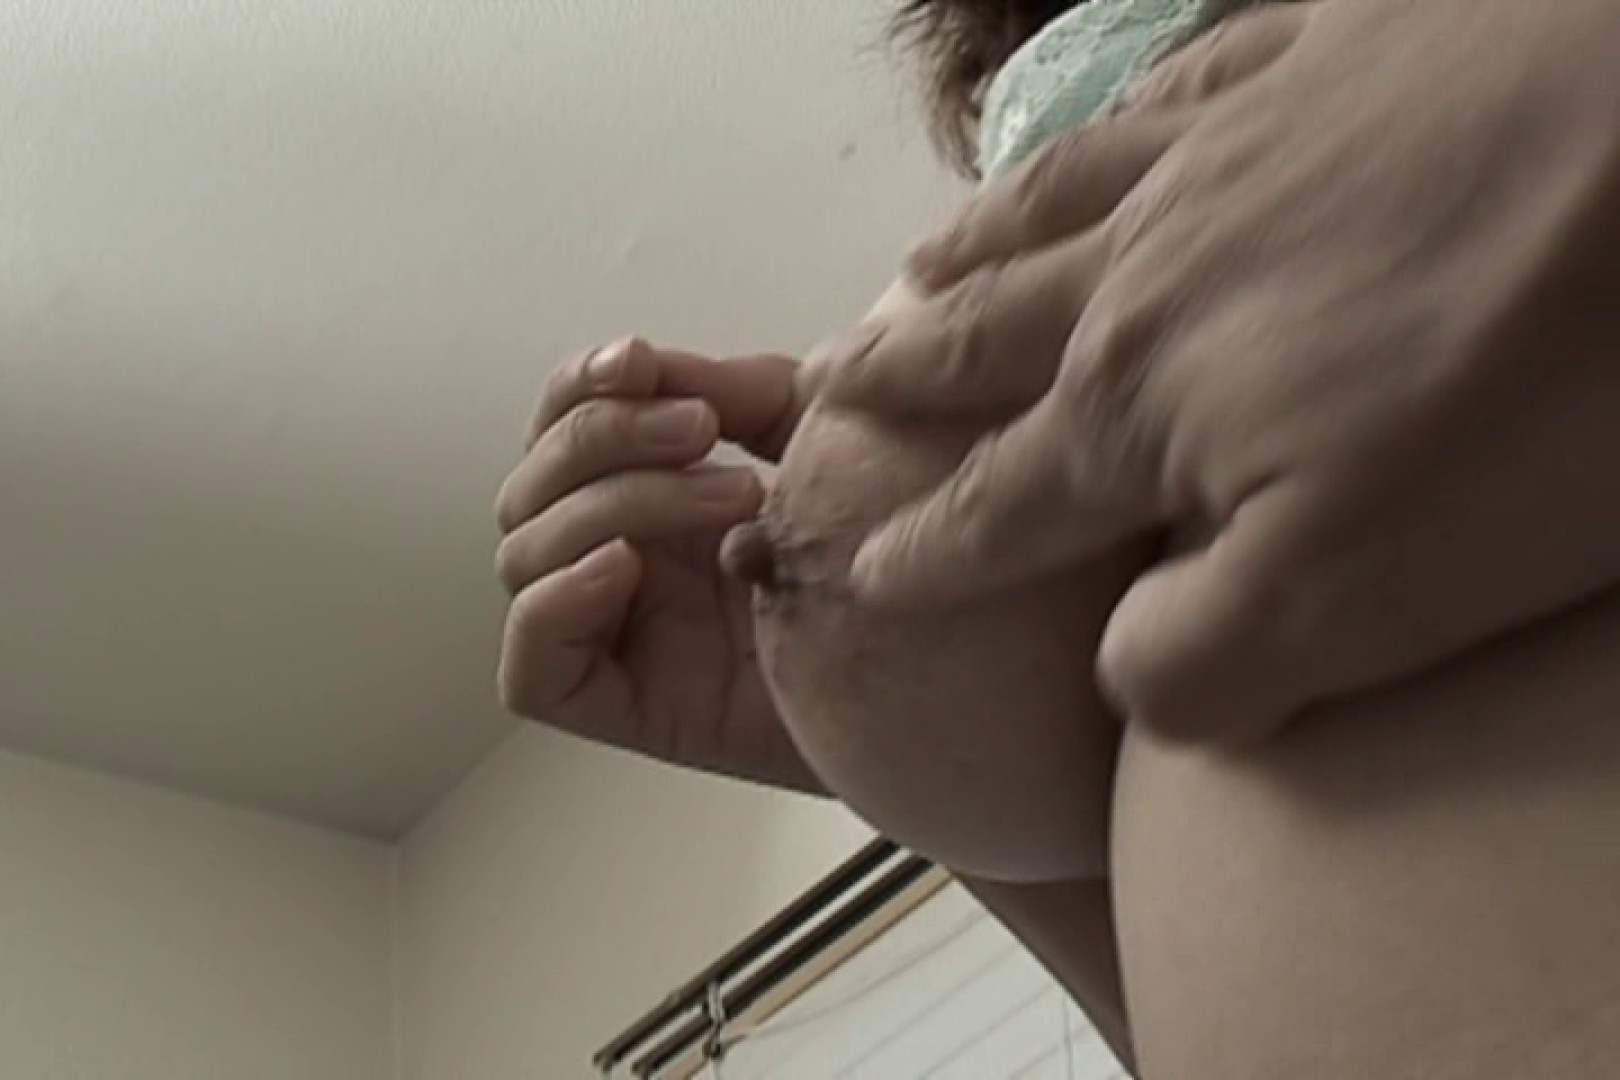 未婚の熟女、だれか慰めて~米田あさみ~ 熟女のエロ生活  66連発 24